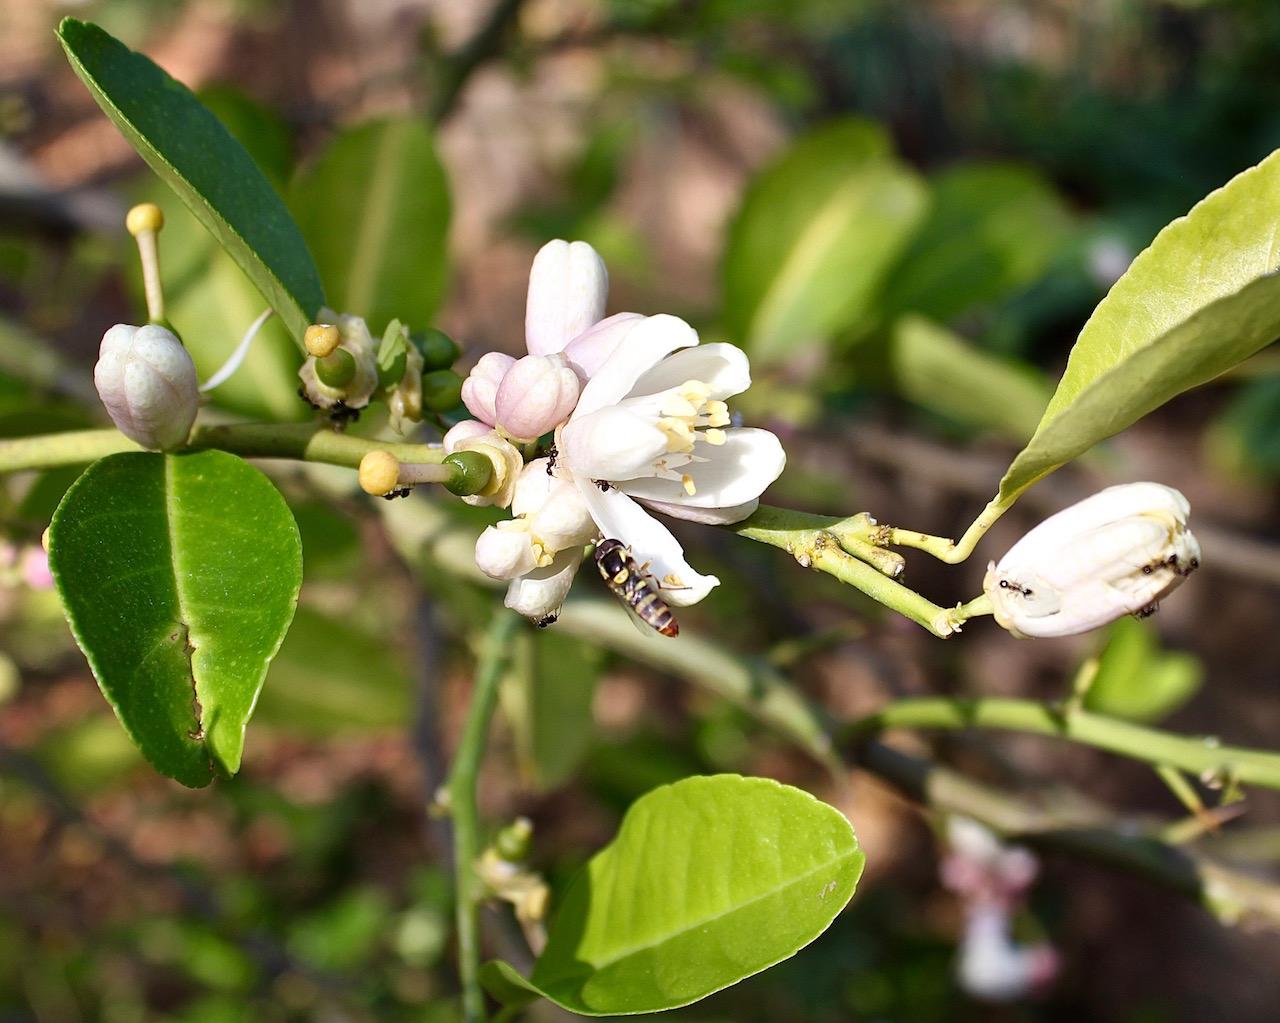 Edible flowers - lemon blossom 2